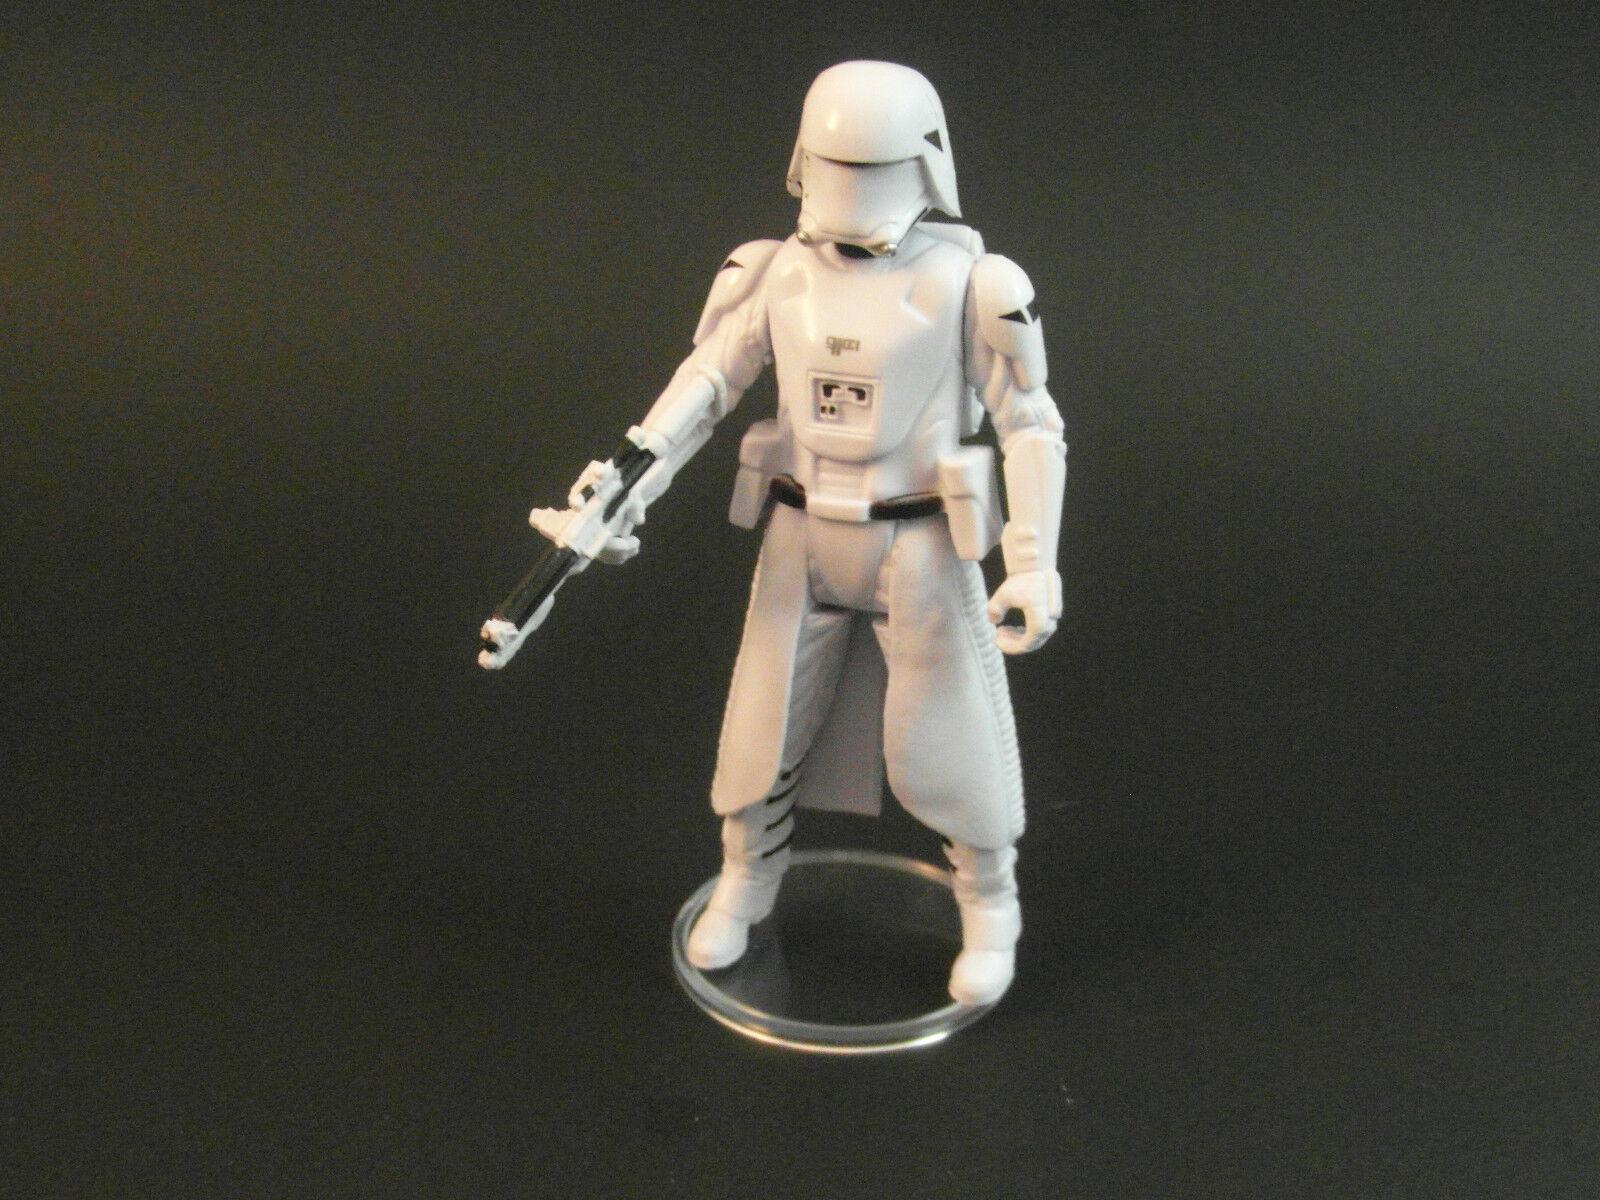 254x3.8cm Modern Star Wars Wars Wars Figur Display Ständer-weite stance -1995 onwwards ce9541